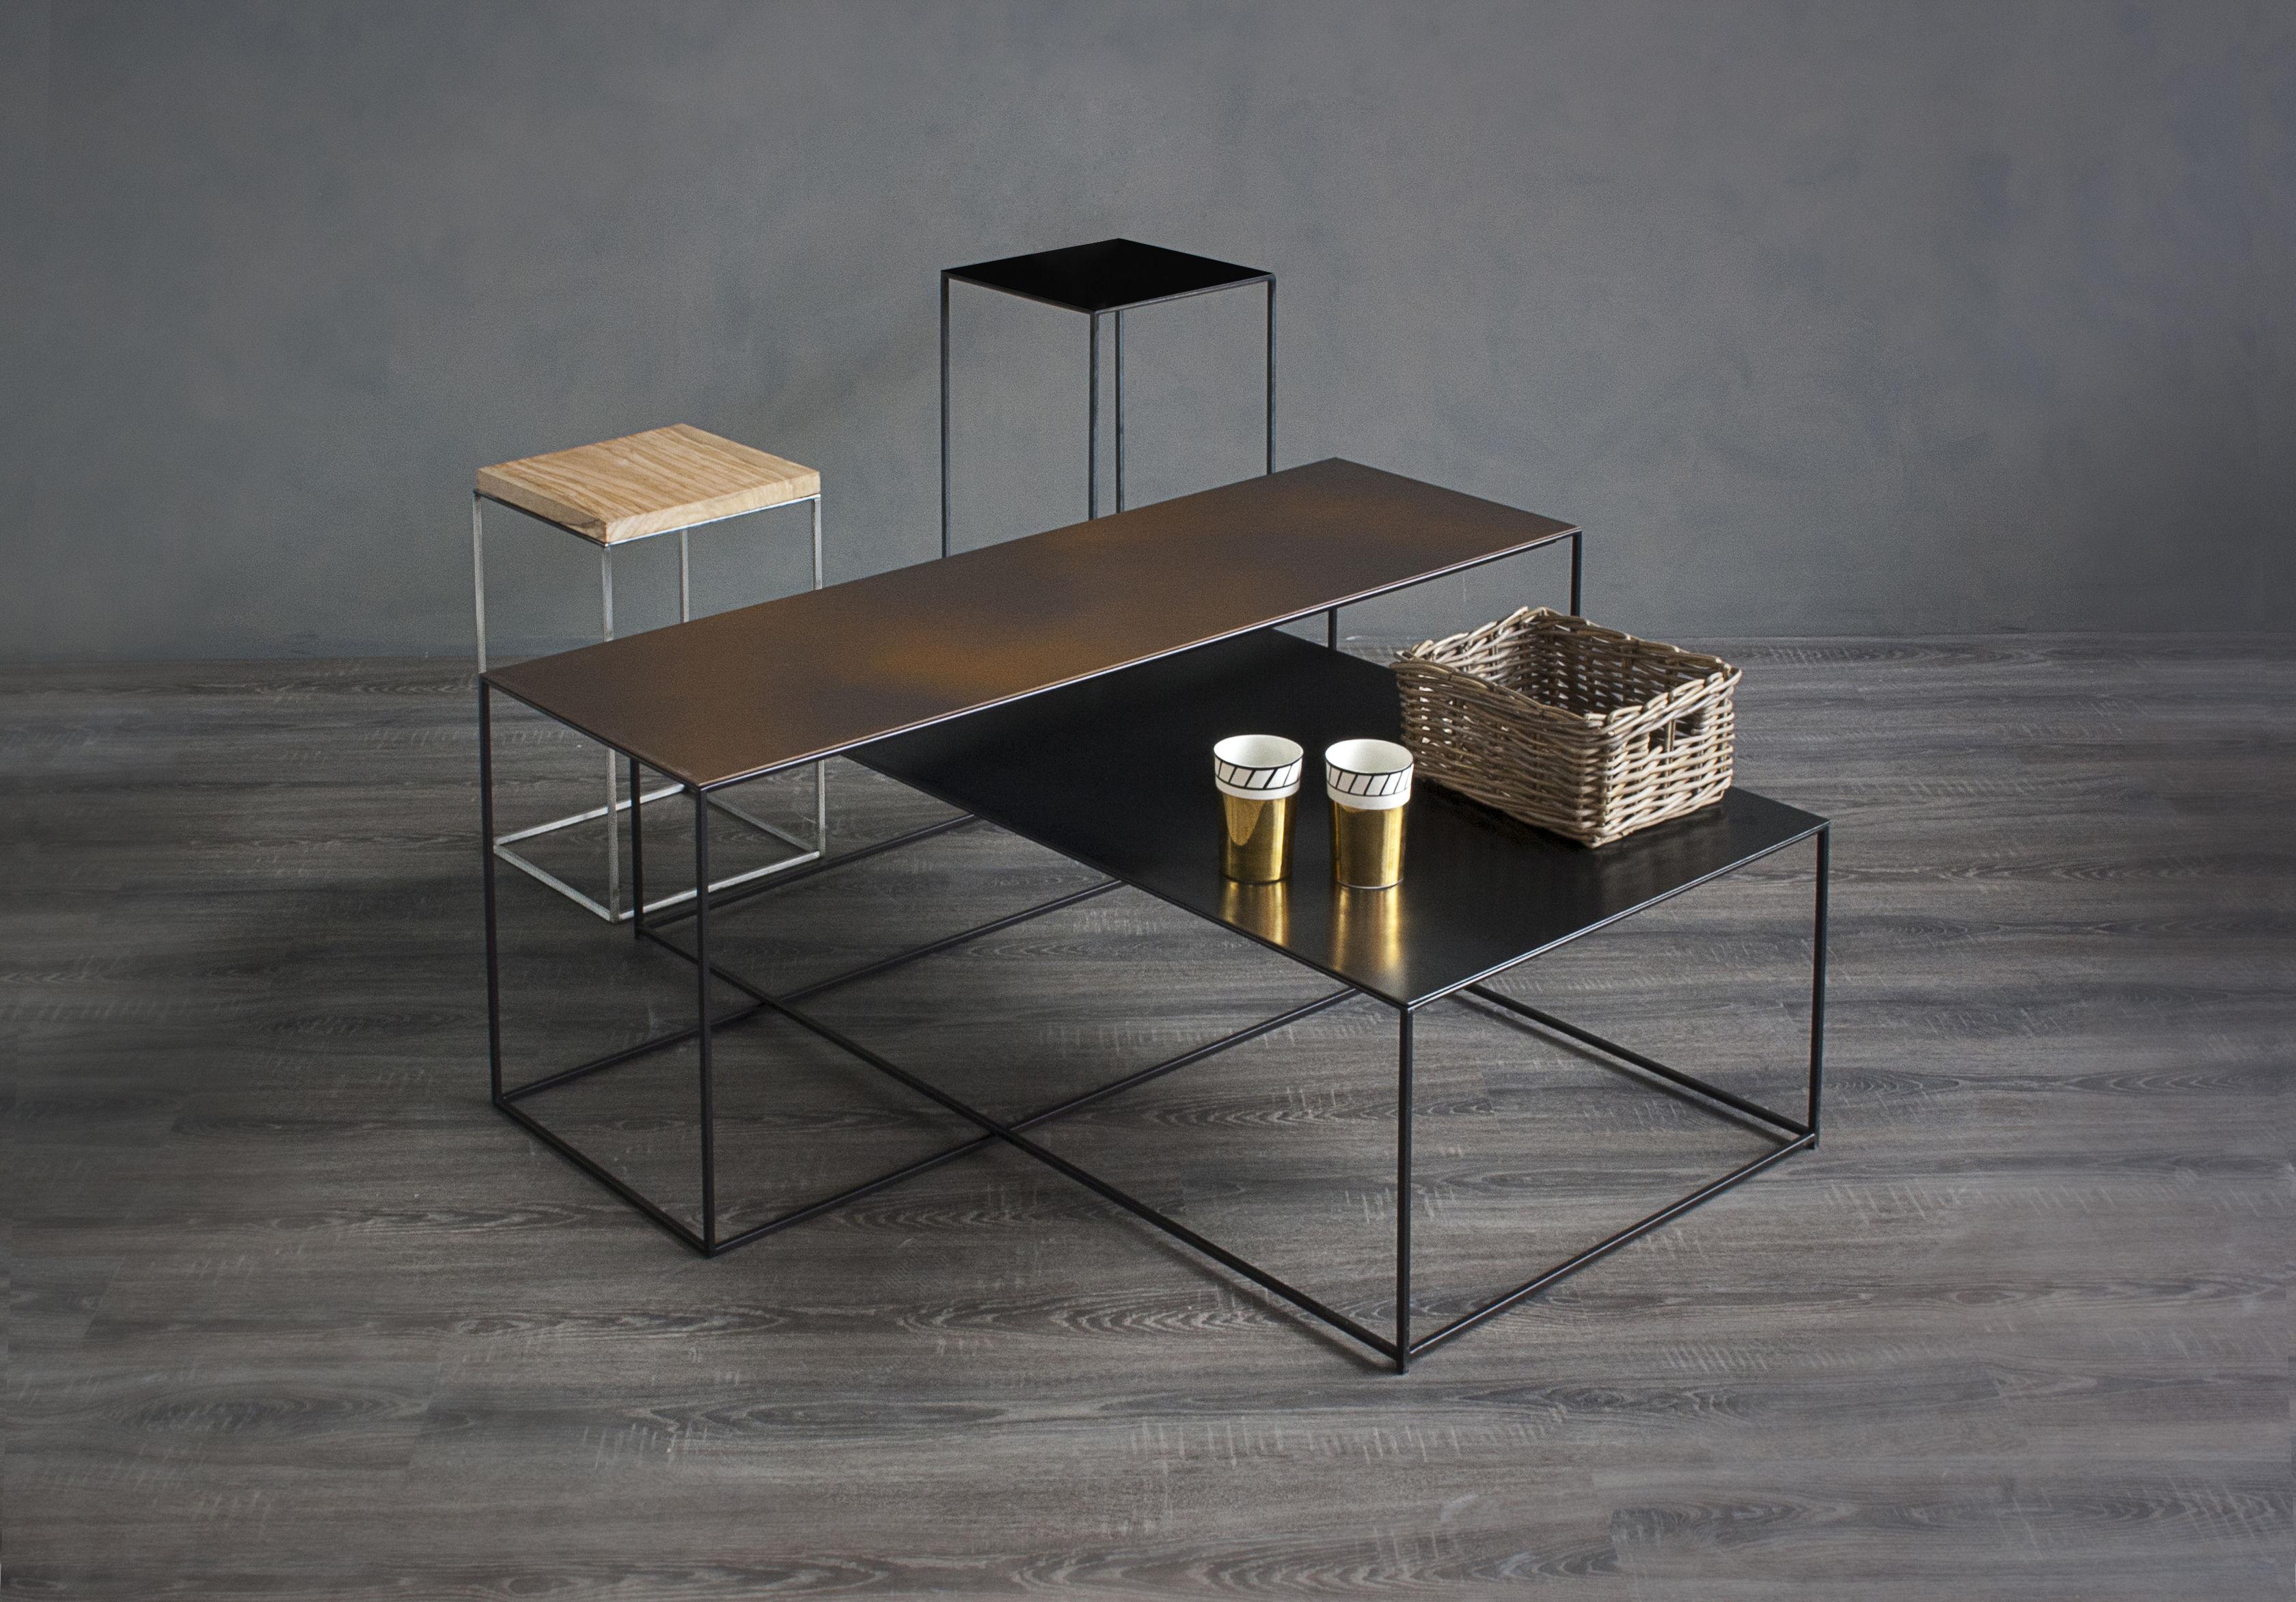 34 62 Zeus Cm Basse Slim X 124 Table Irony H y6YfgI7vb